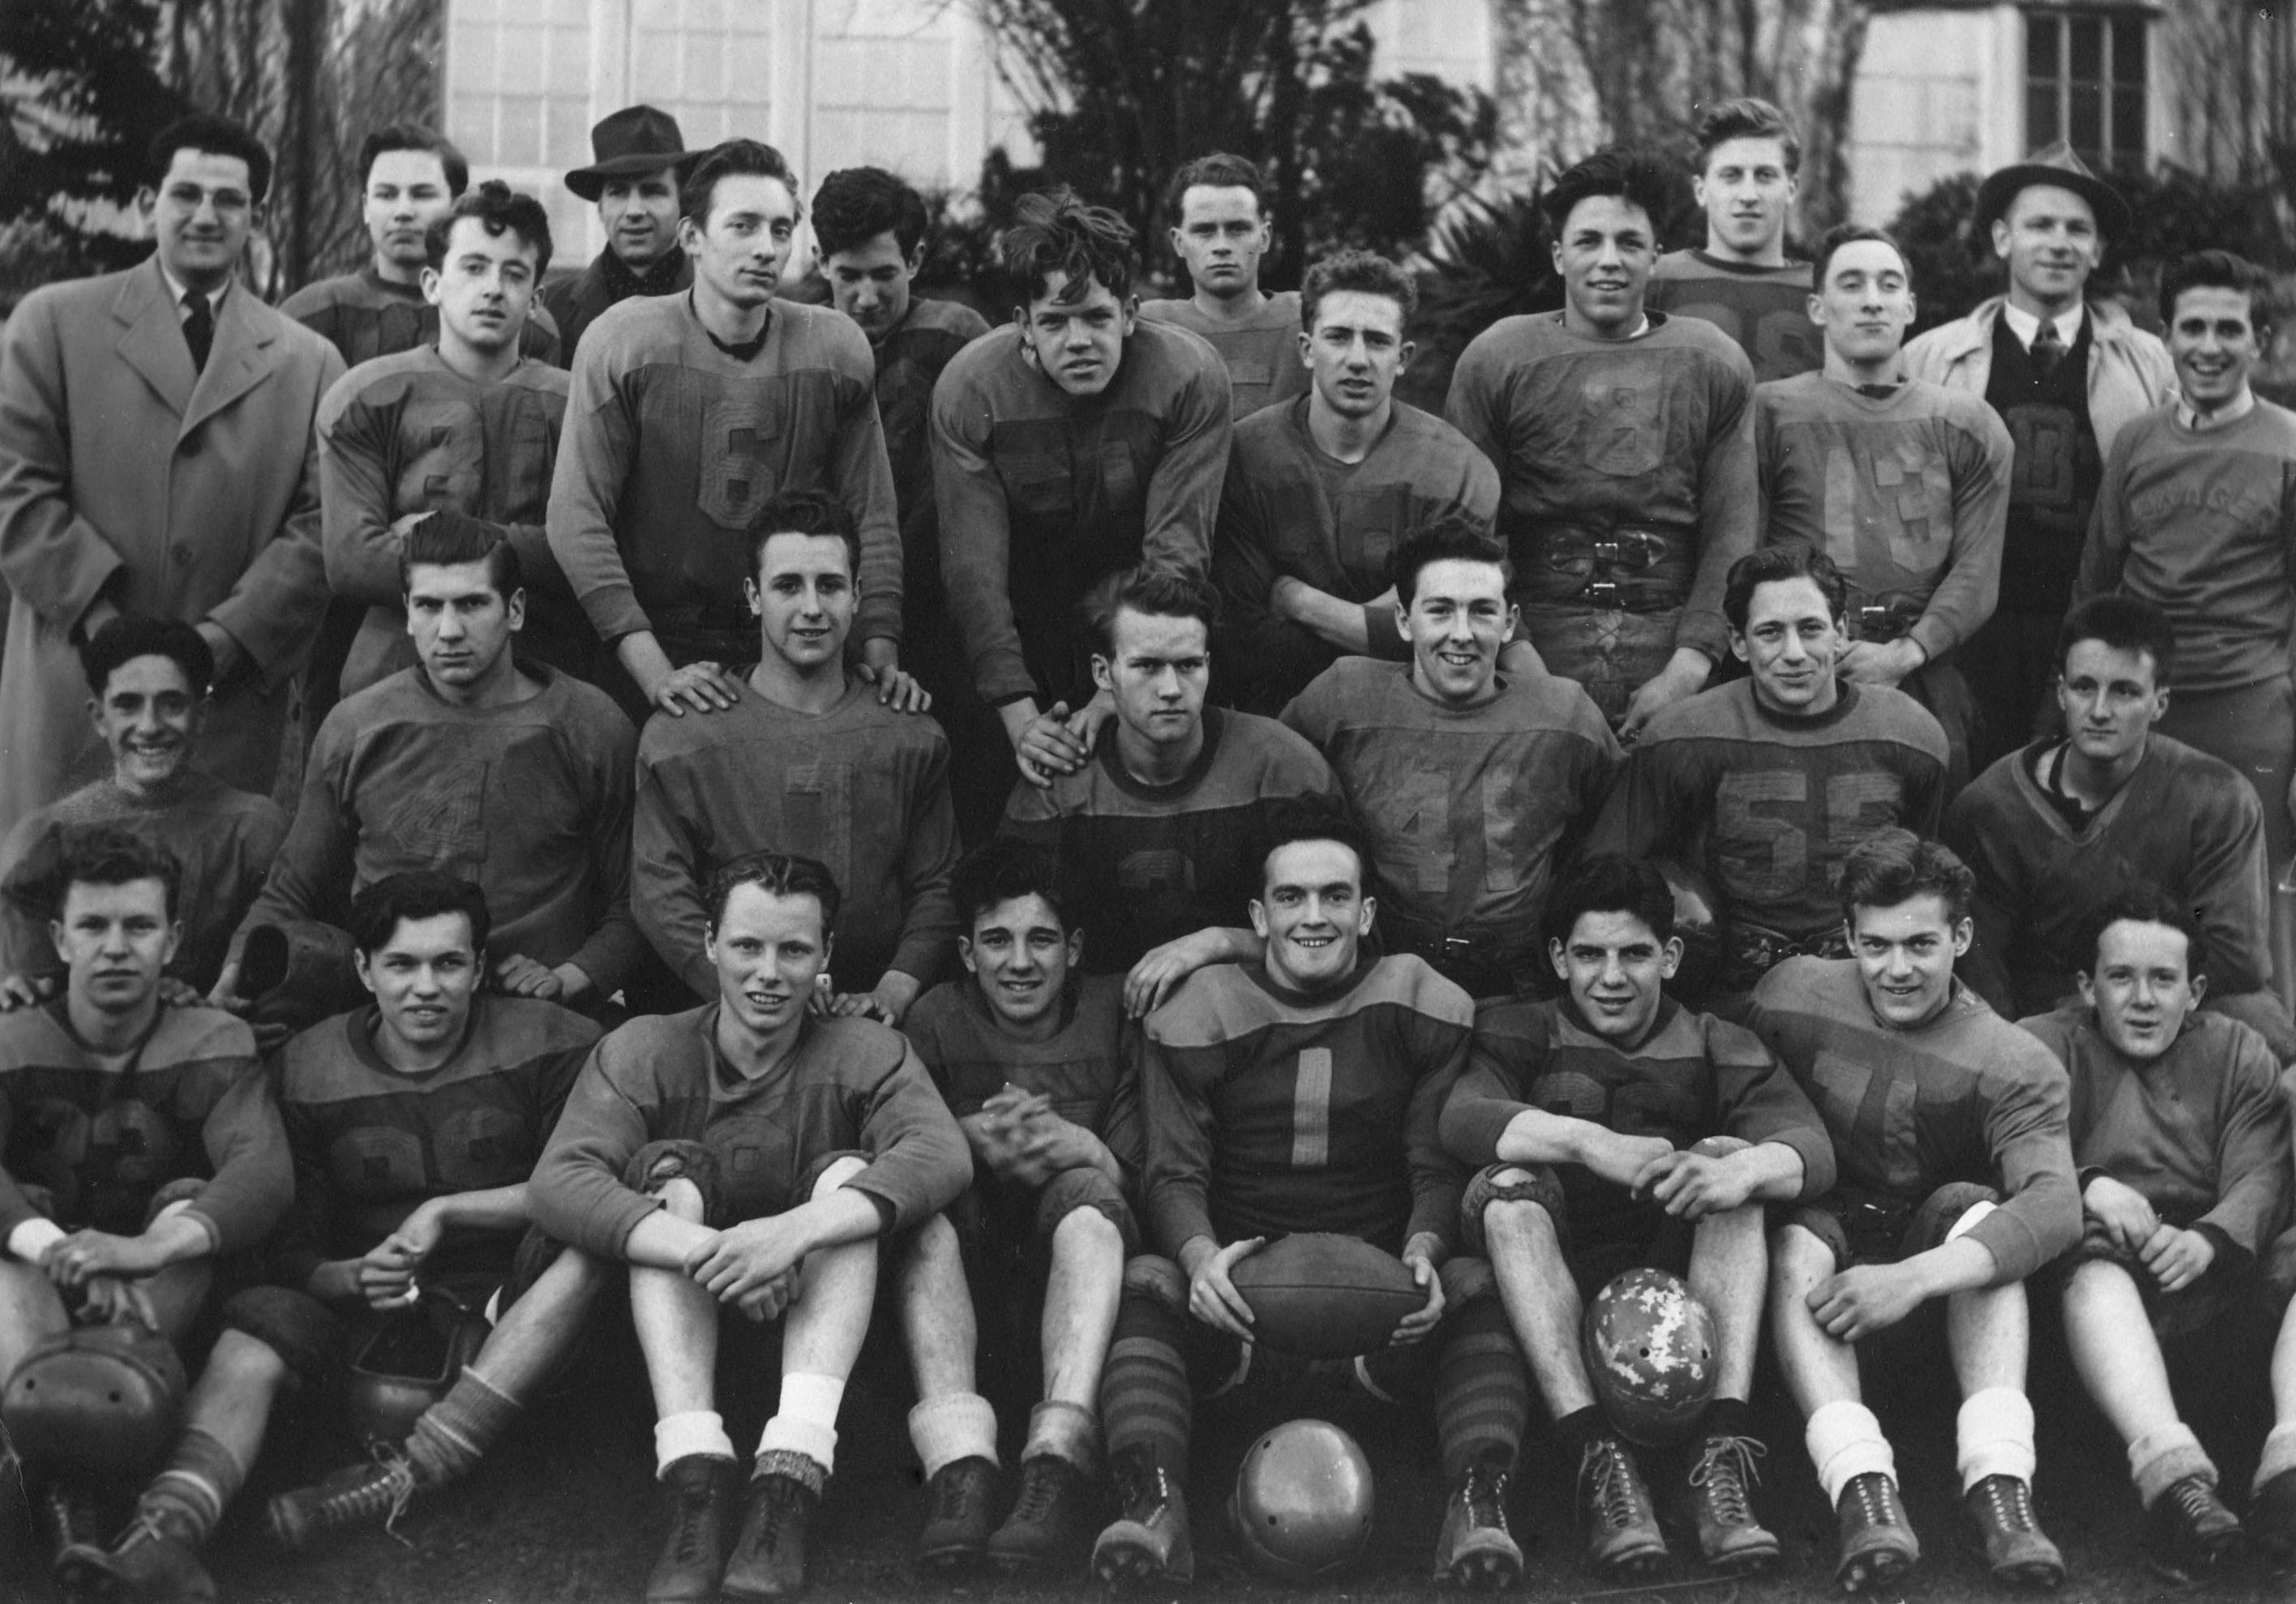 kitssenior-football1943scan20831